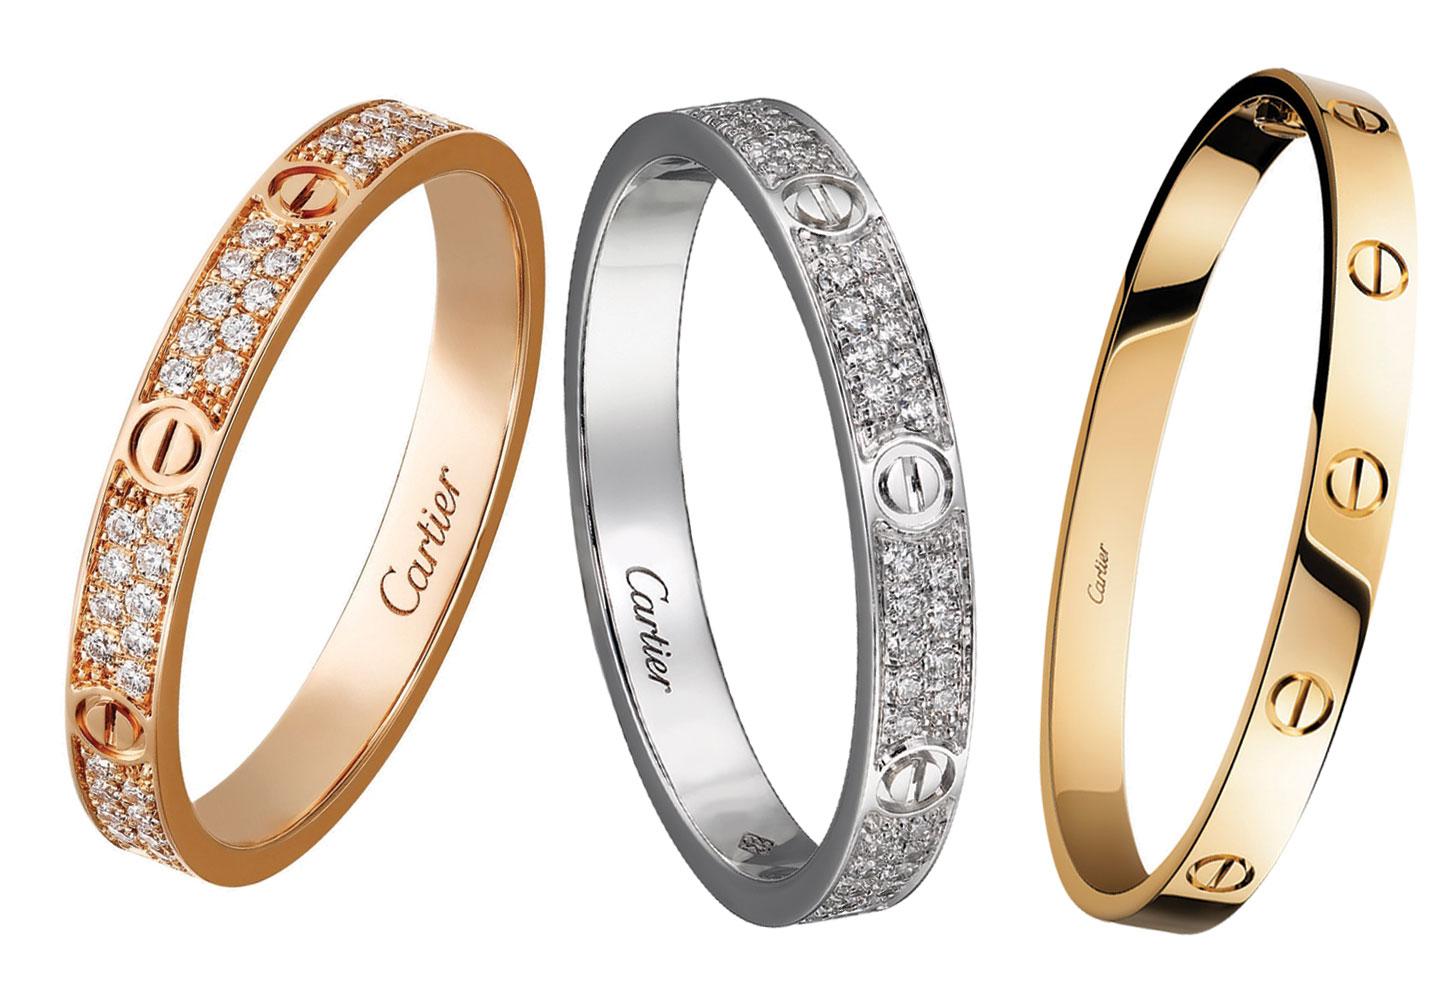 Bộ sưu tập vòng tay LOVE của Cartier vô cùng hot trên thị trường second hand